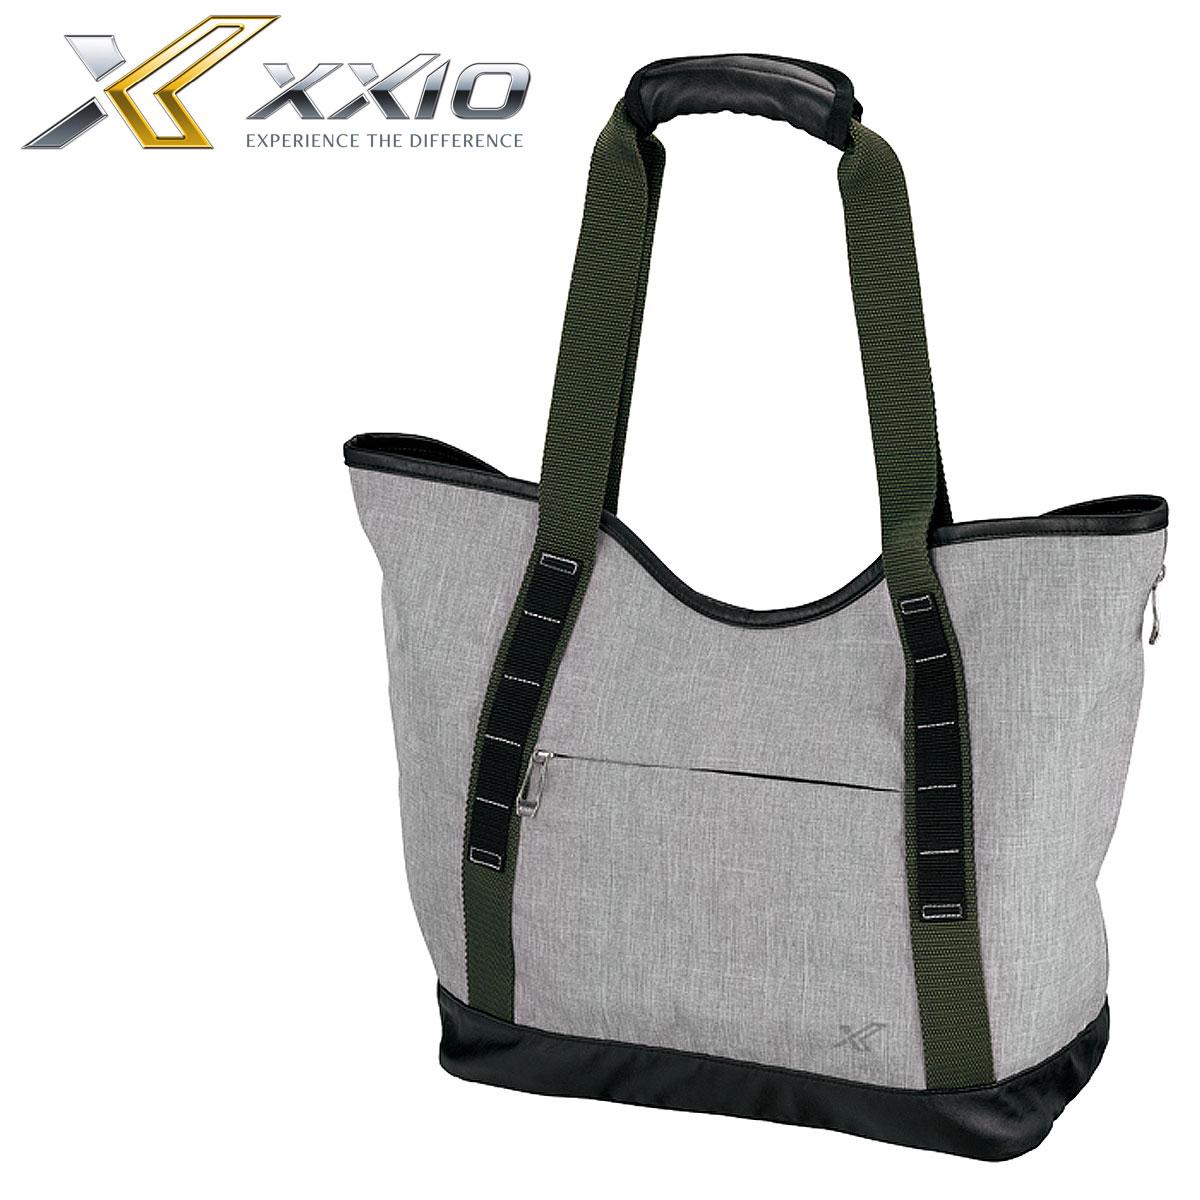 スポーツバッグ, トートバッグ DUNLOP() XXIO() 2020 GGB-X116